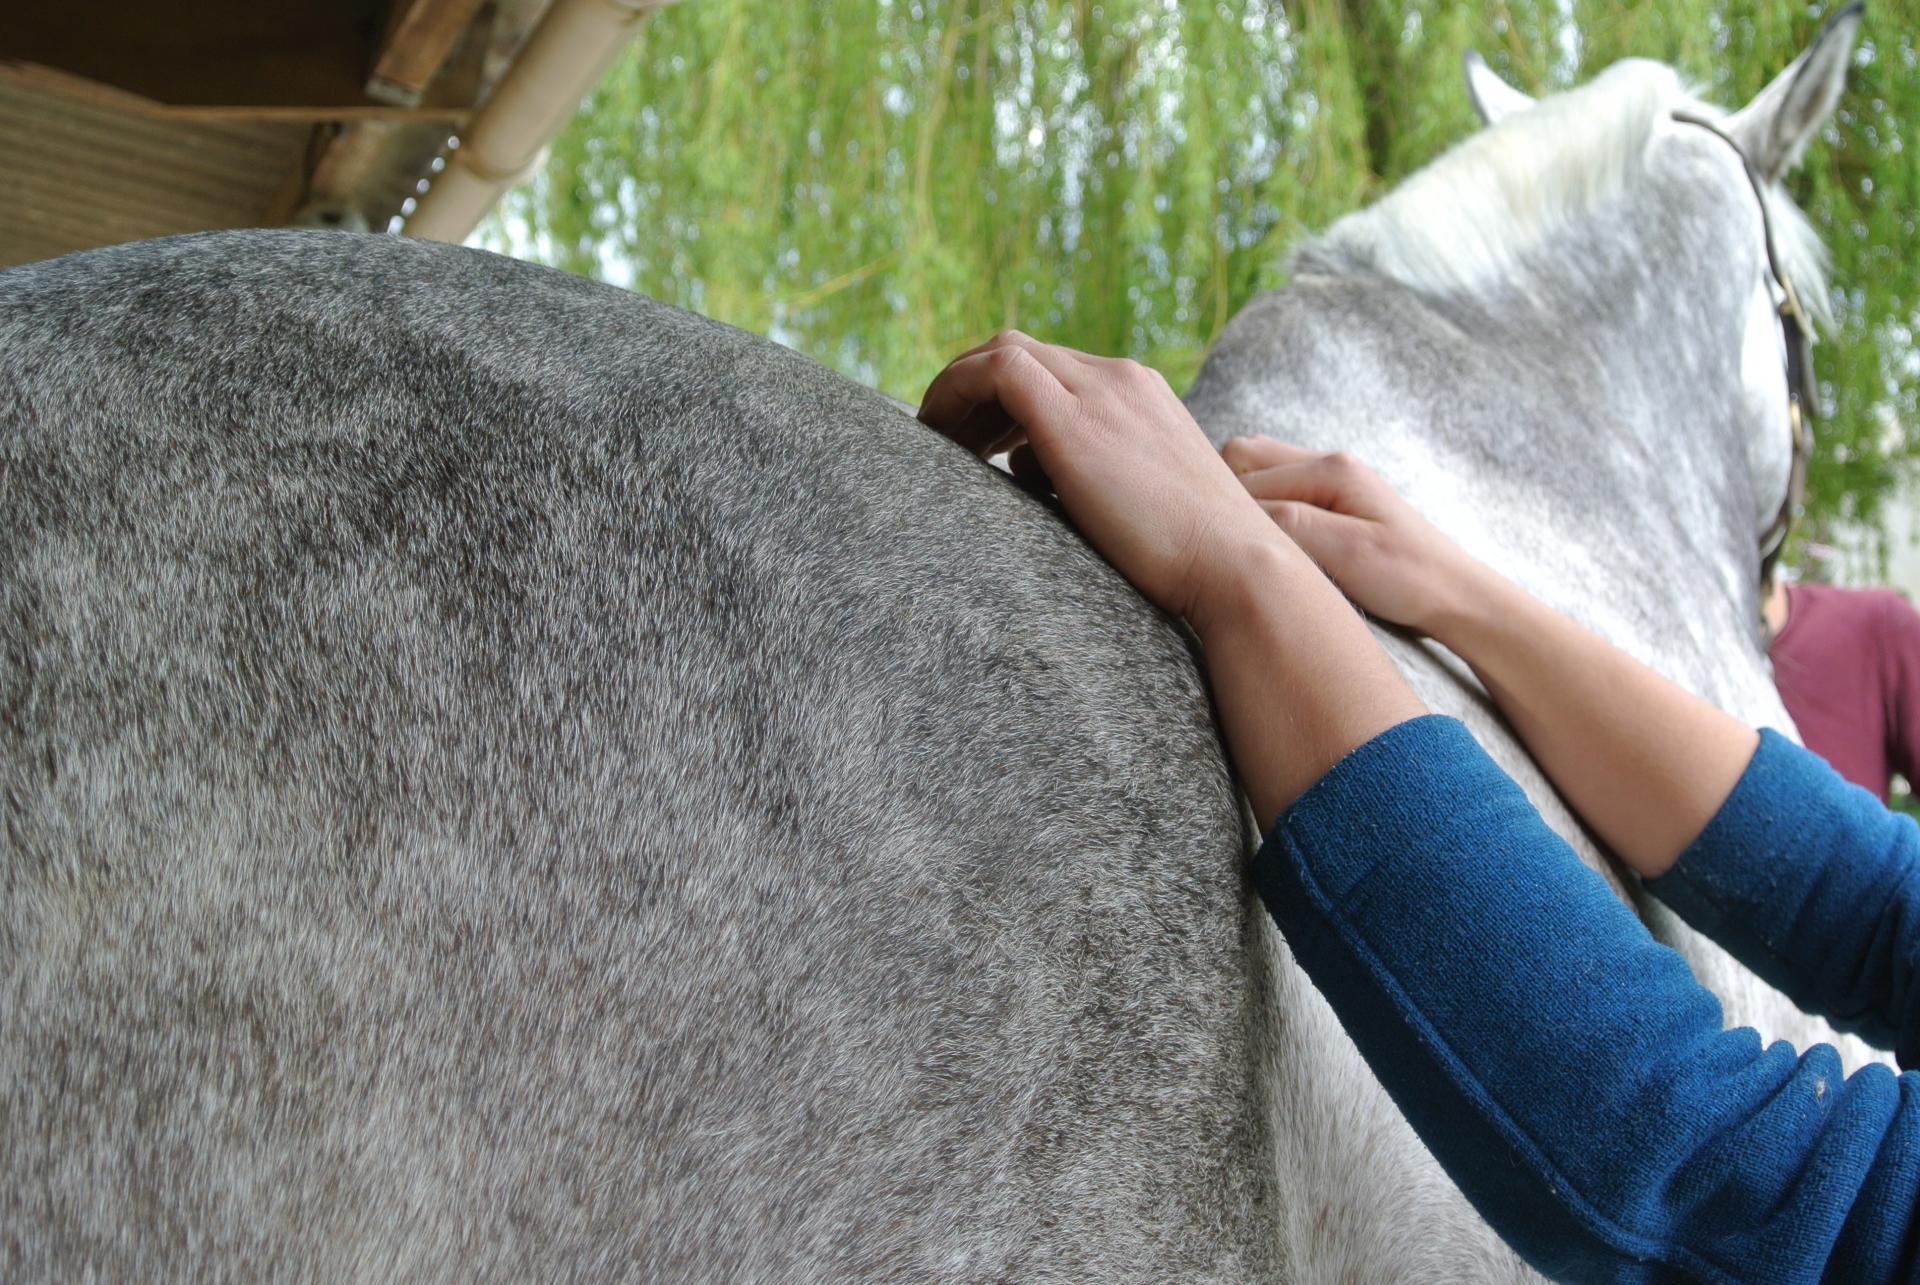 Emeline-moutiez-horsecare-algothérapie-massothérapie-shiatsu-lisieux-normandie-ile-de-france-massage-chevaux-chien-ane (39)